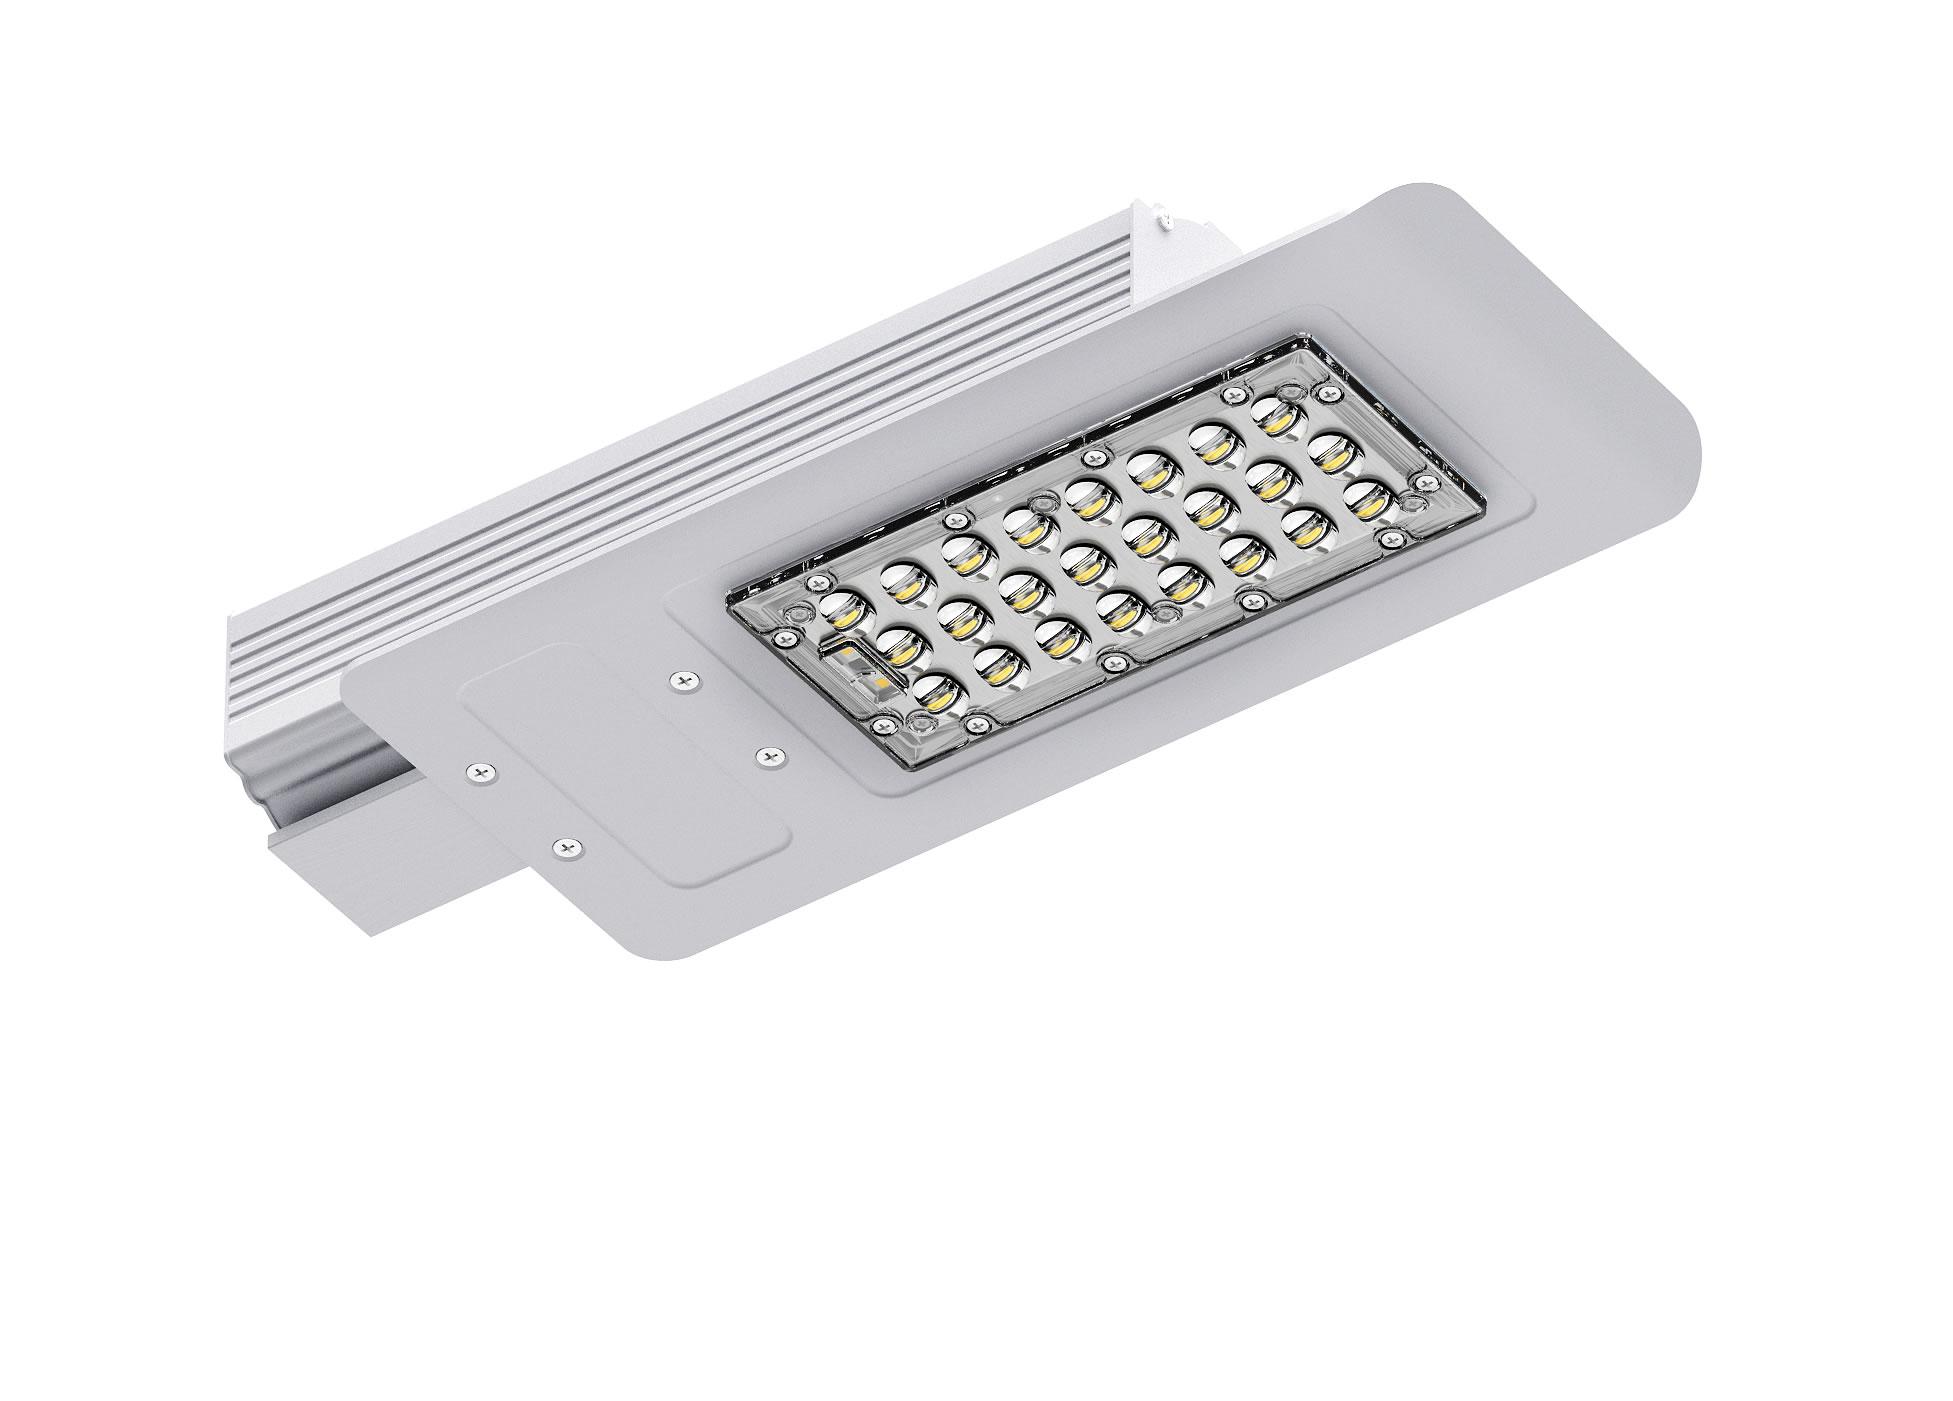 Hot Product: Ultra Slim Philips Chip LED Street Light 30w 40w 60w 90w 120w 150w